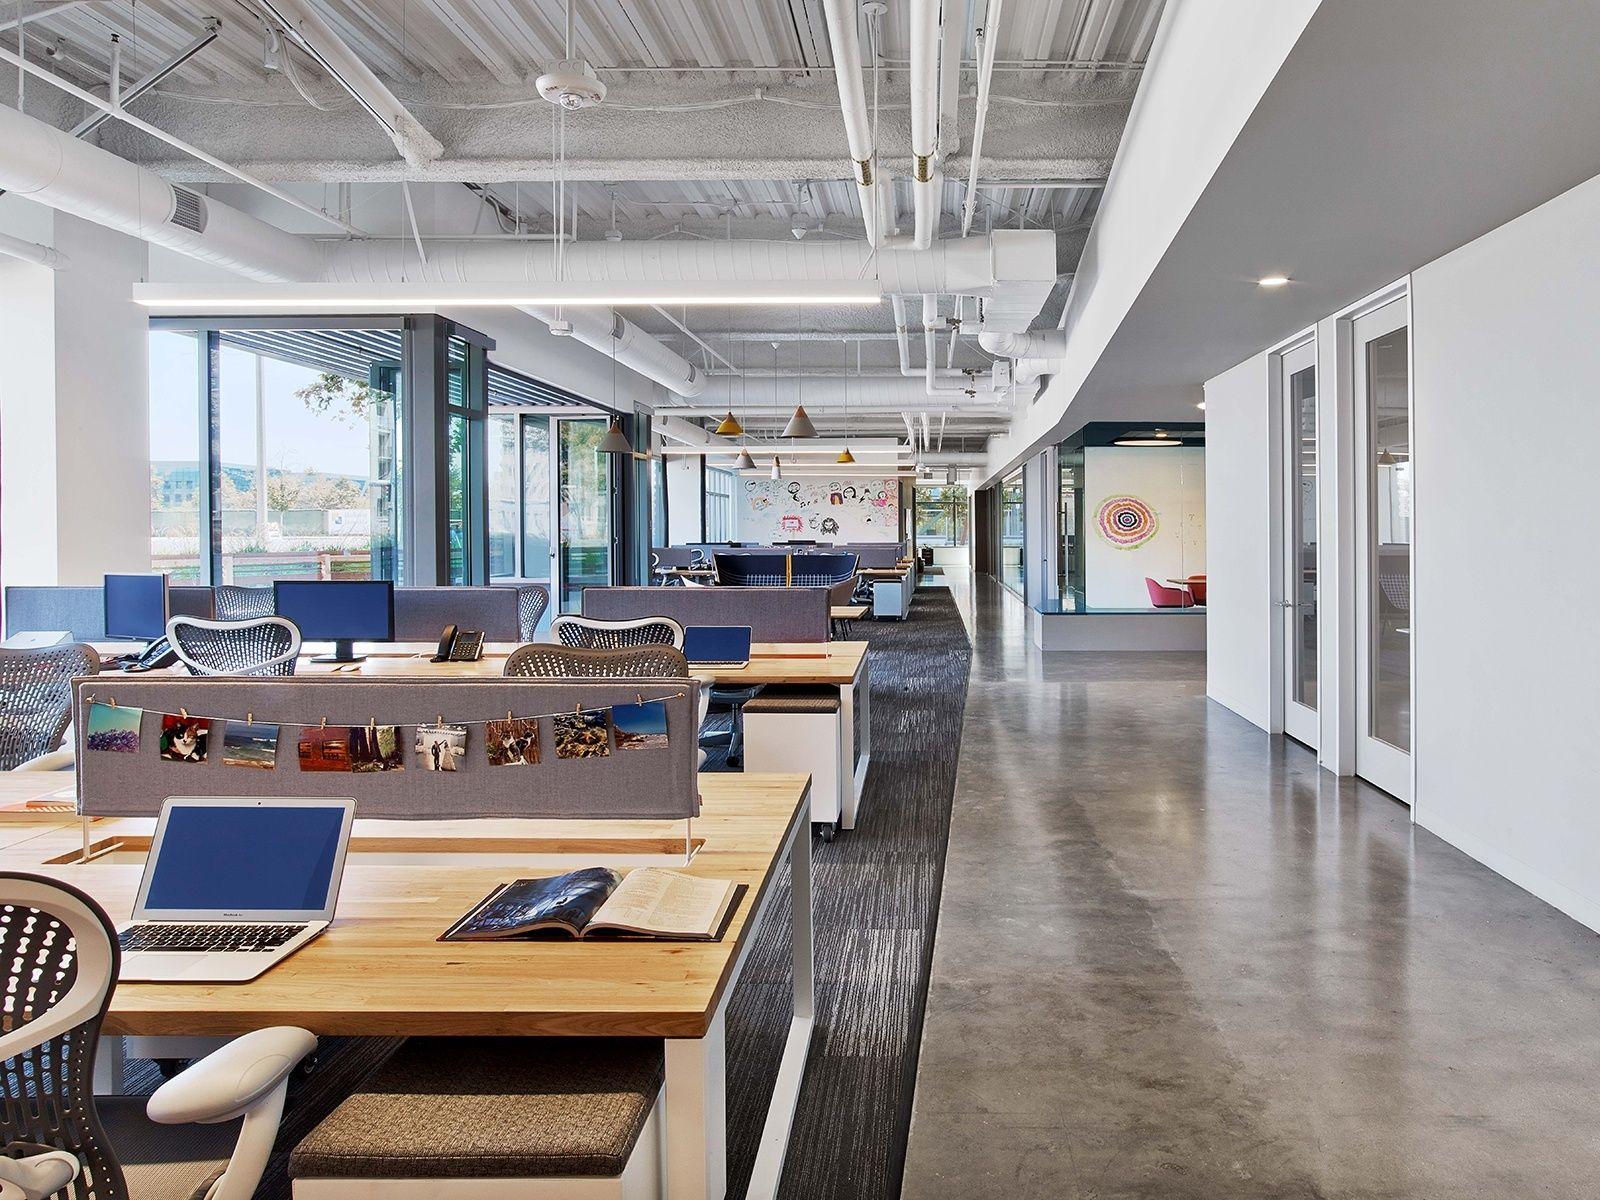 A Tour Of Fullscreenu0027s Super Cool Headquarters In Los Angeles   Officelovinu0027